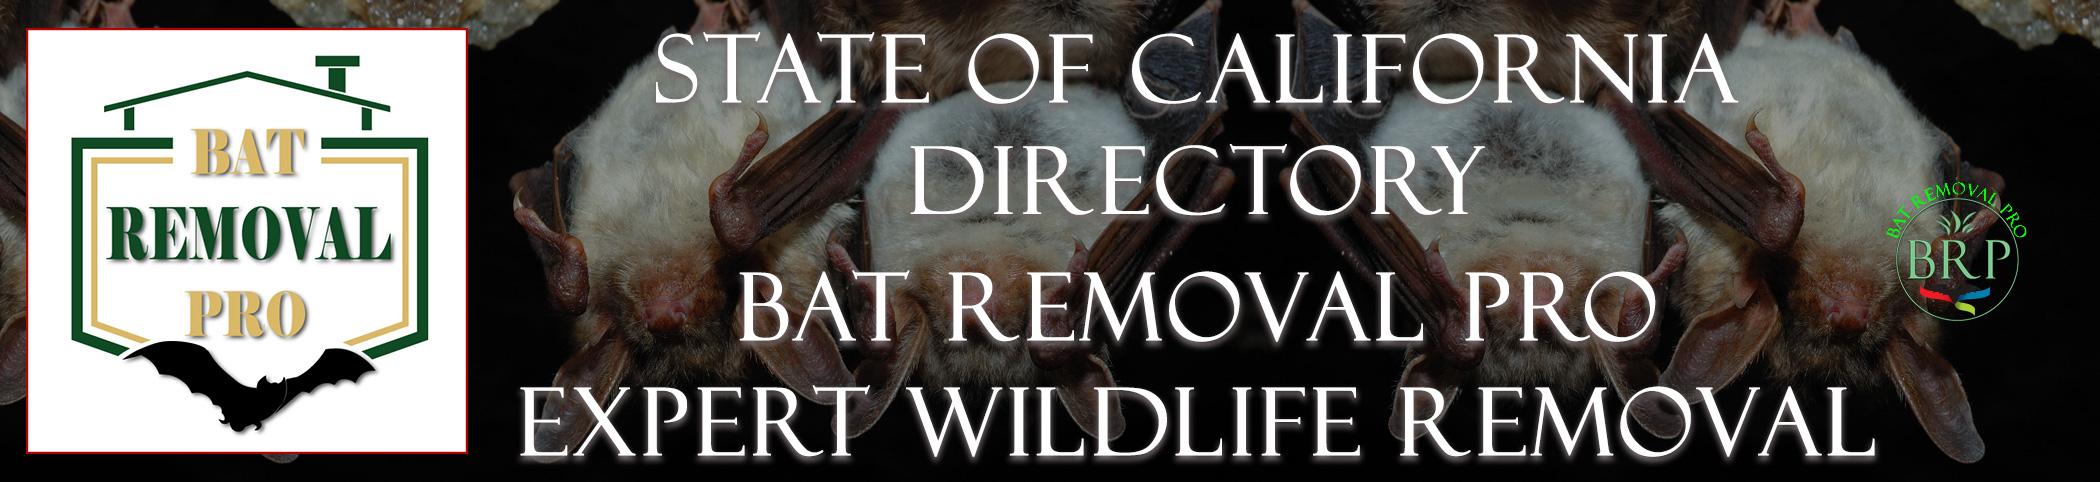 california-bat-removal-at-bat-removal-pro-header-image